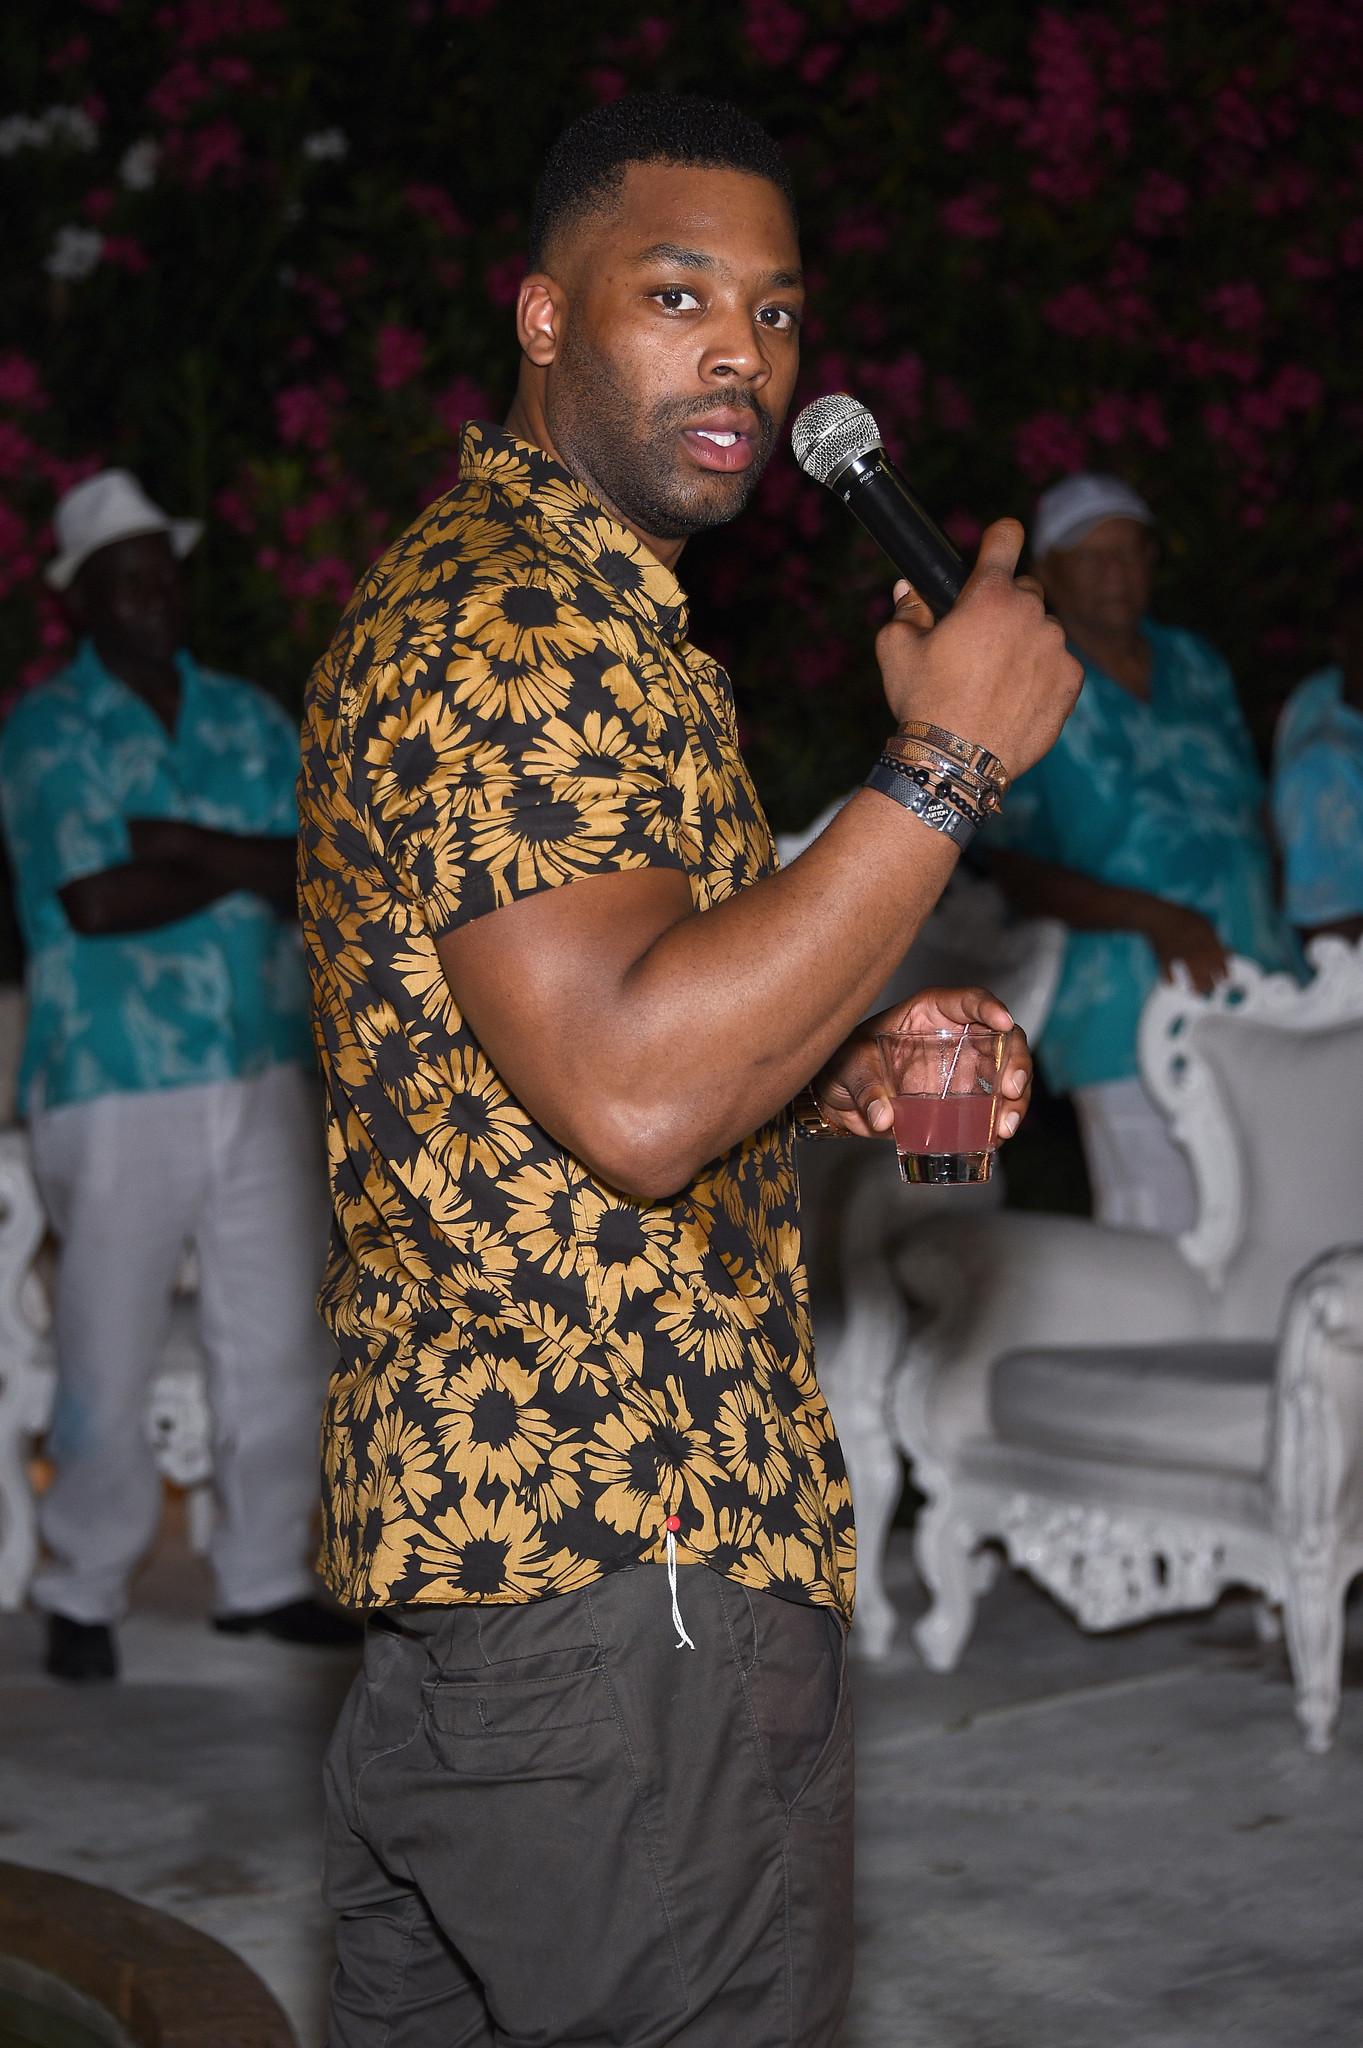 Nbc Actors To Headline Event Honoring Slain Des Plaines